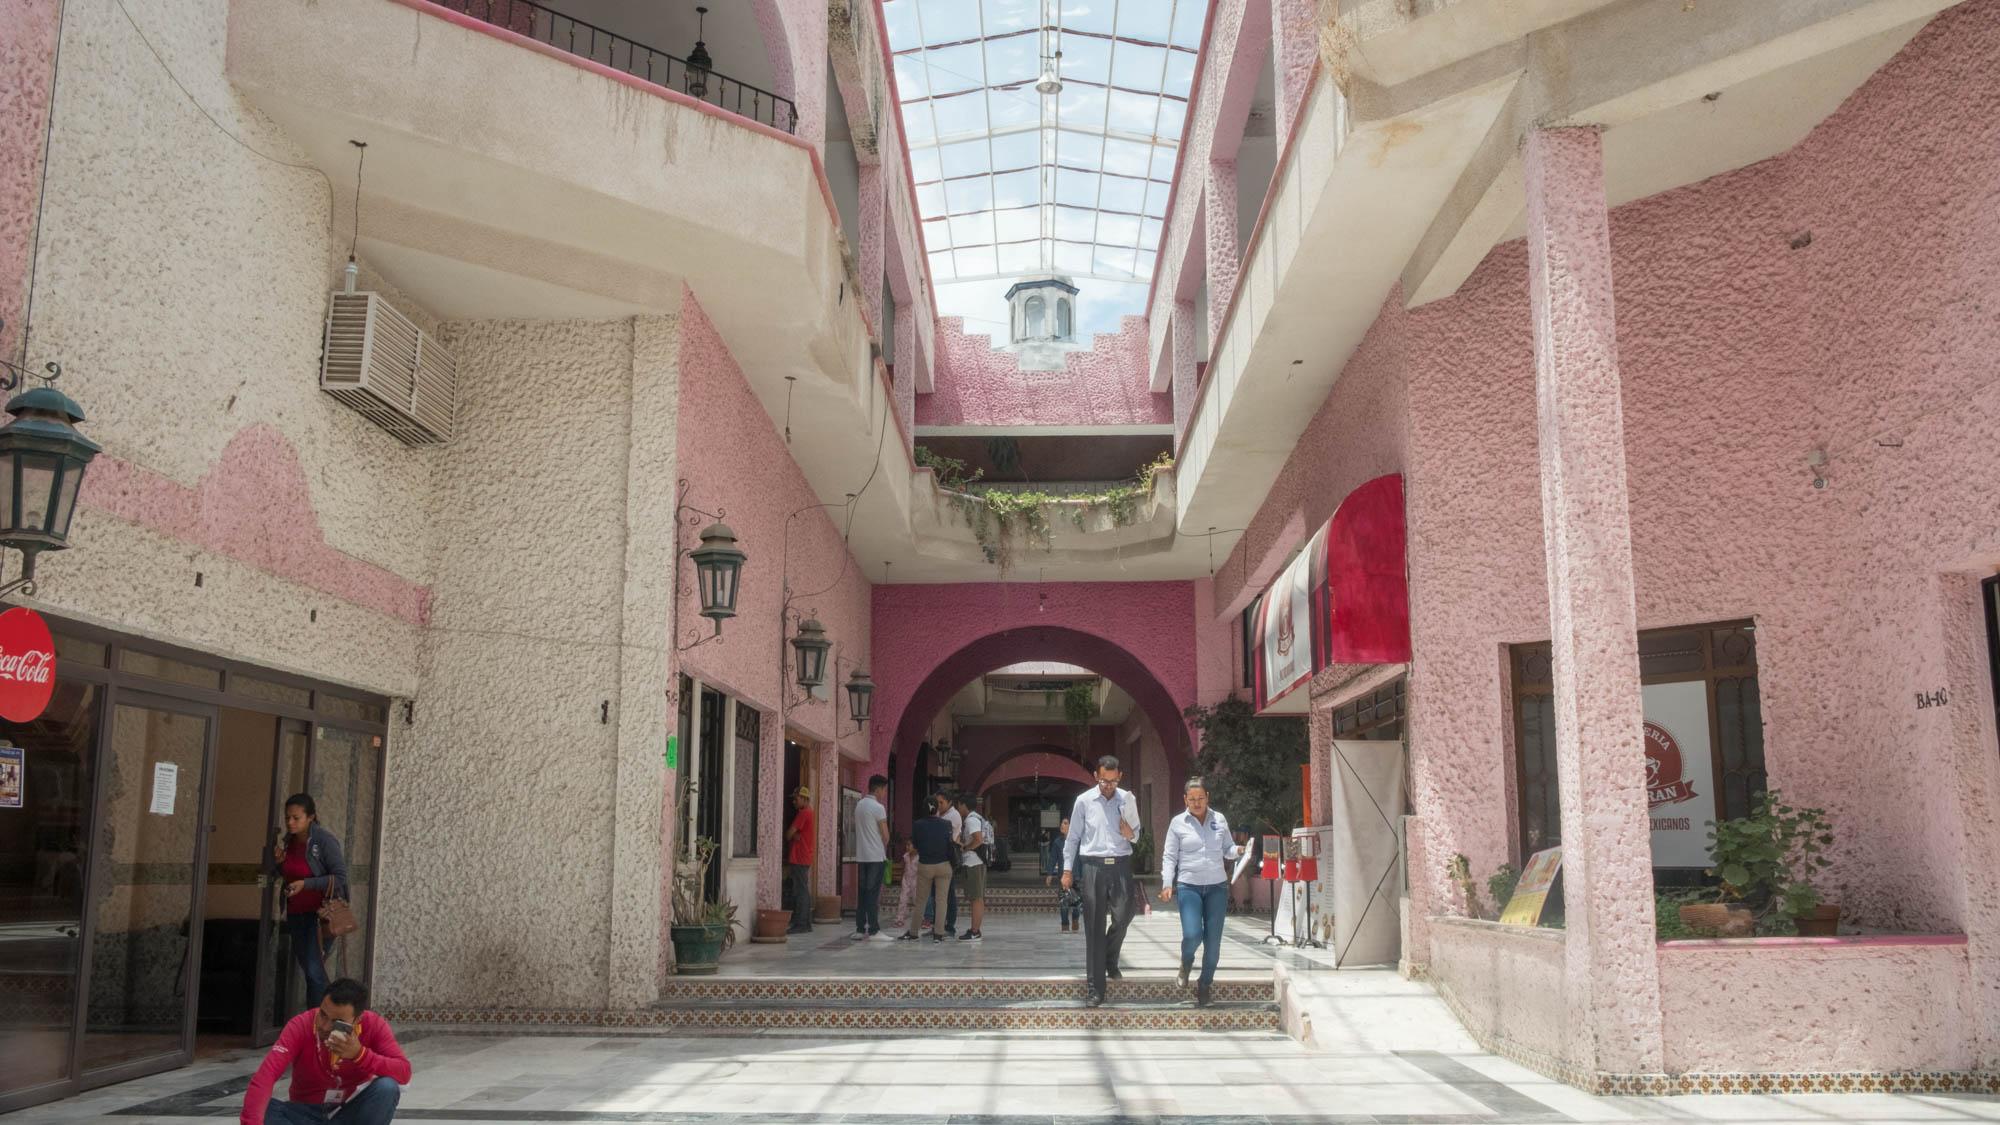 Mexico_SMA_Plaza el Real del Conde (17 of 39).jpg